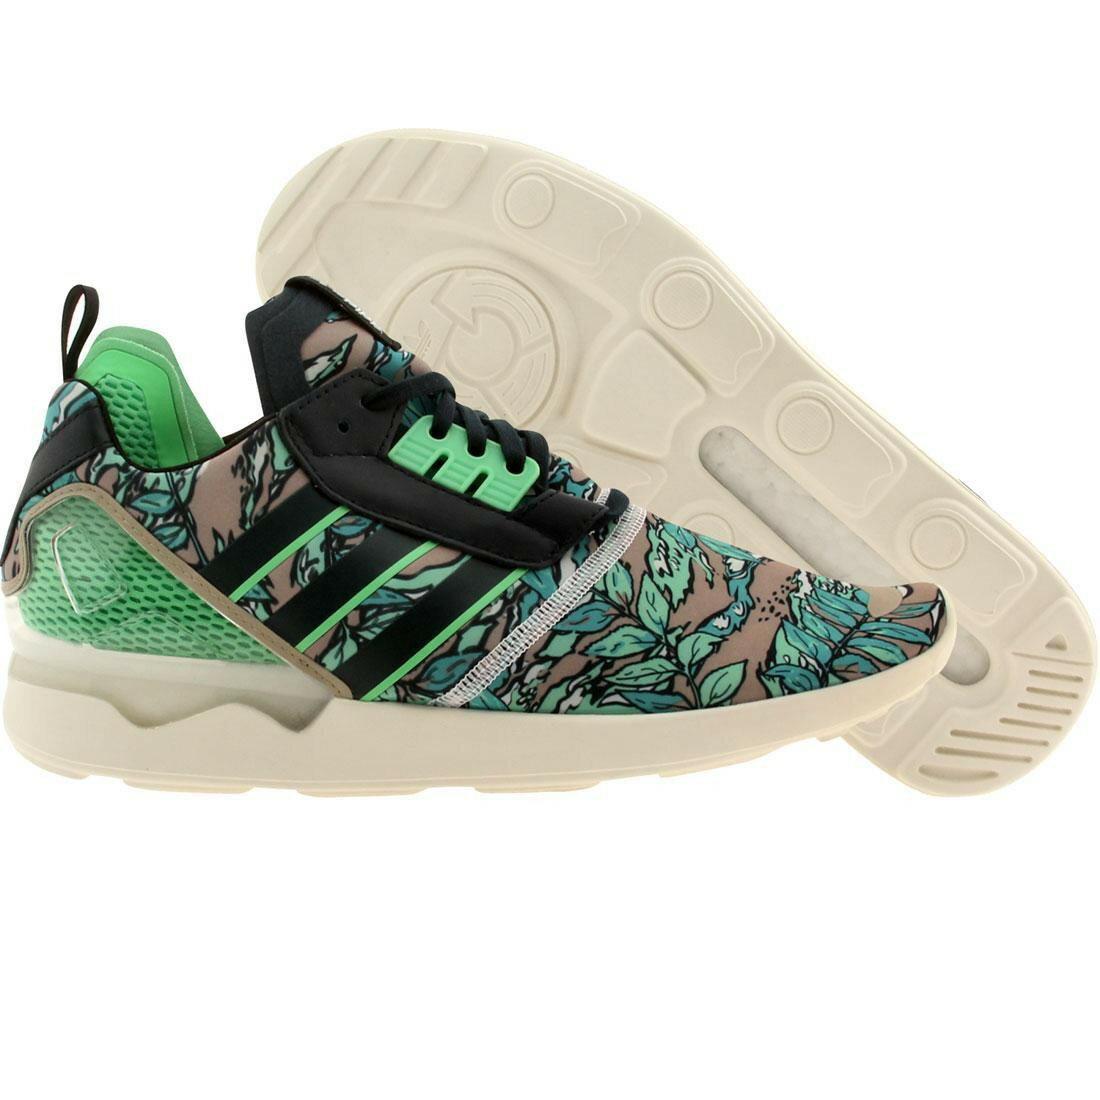 メンズ靴, スニーカー  ADIDAS Men Zx 8000 Boost (gray Petink Seflgr) Gray Petink Seflgr